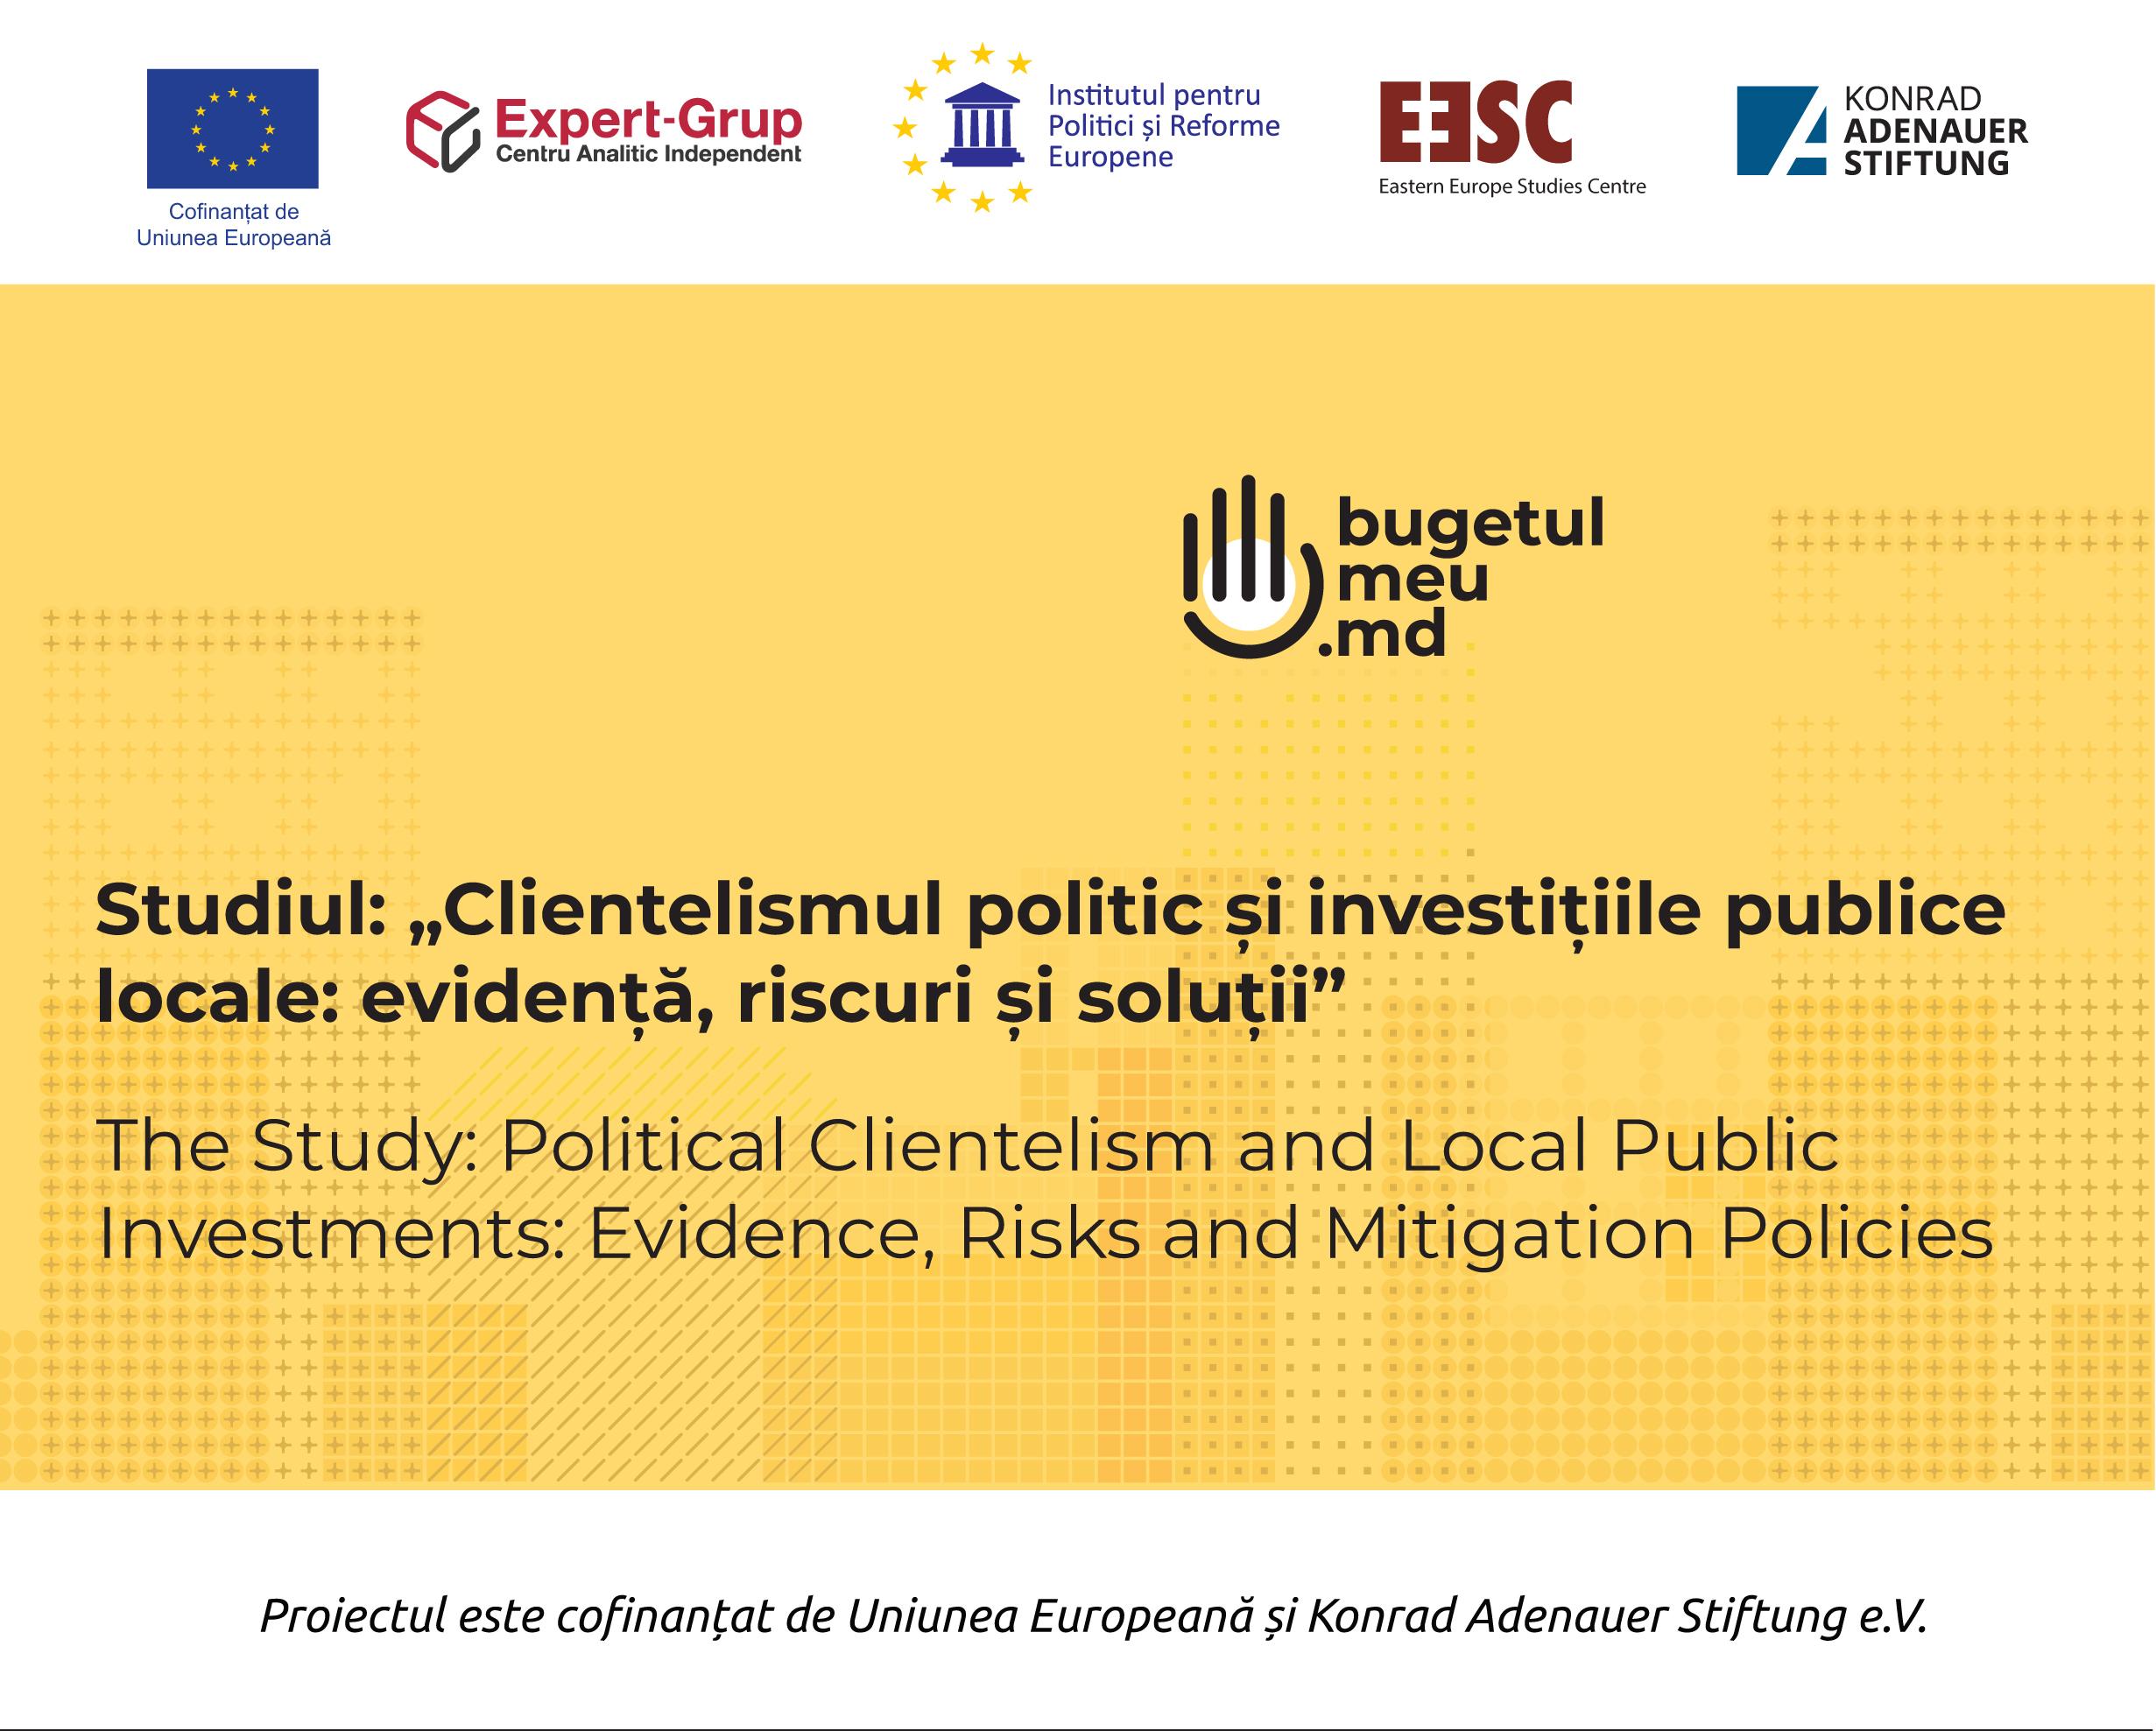 Rolul politicilor publice și acțiunile autorităților în contextul diminuării fenomenului clientelismului politic